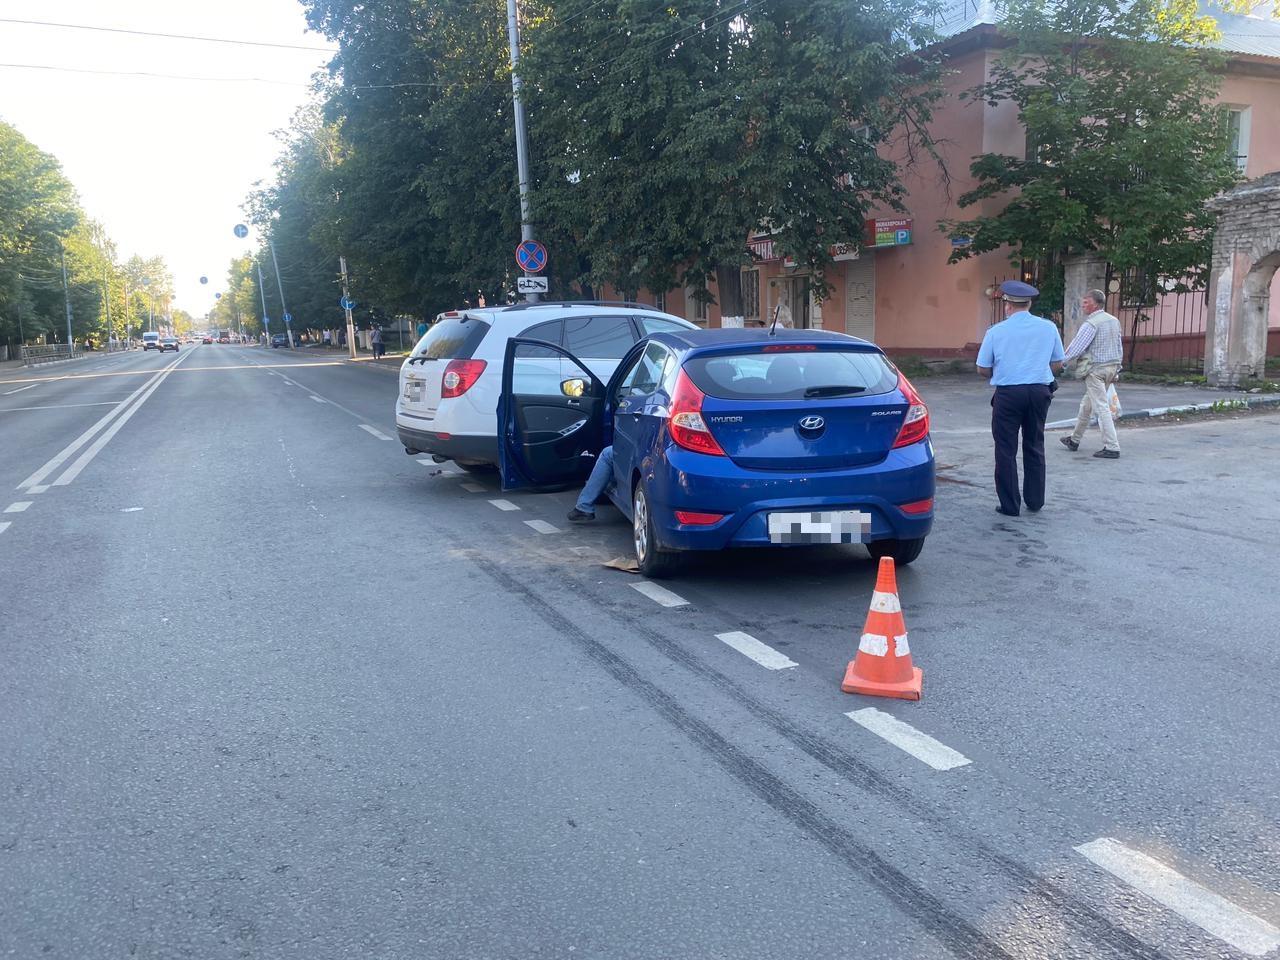 33-летняя женщина-водитель пострадала в аварии в Московском районе Твери